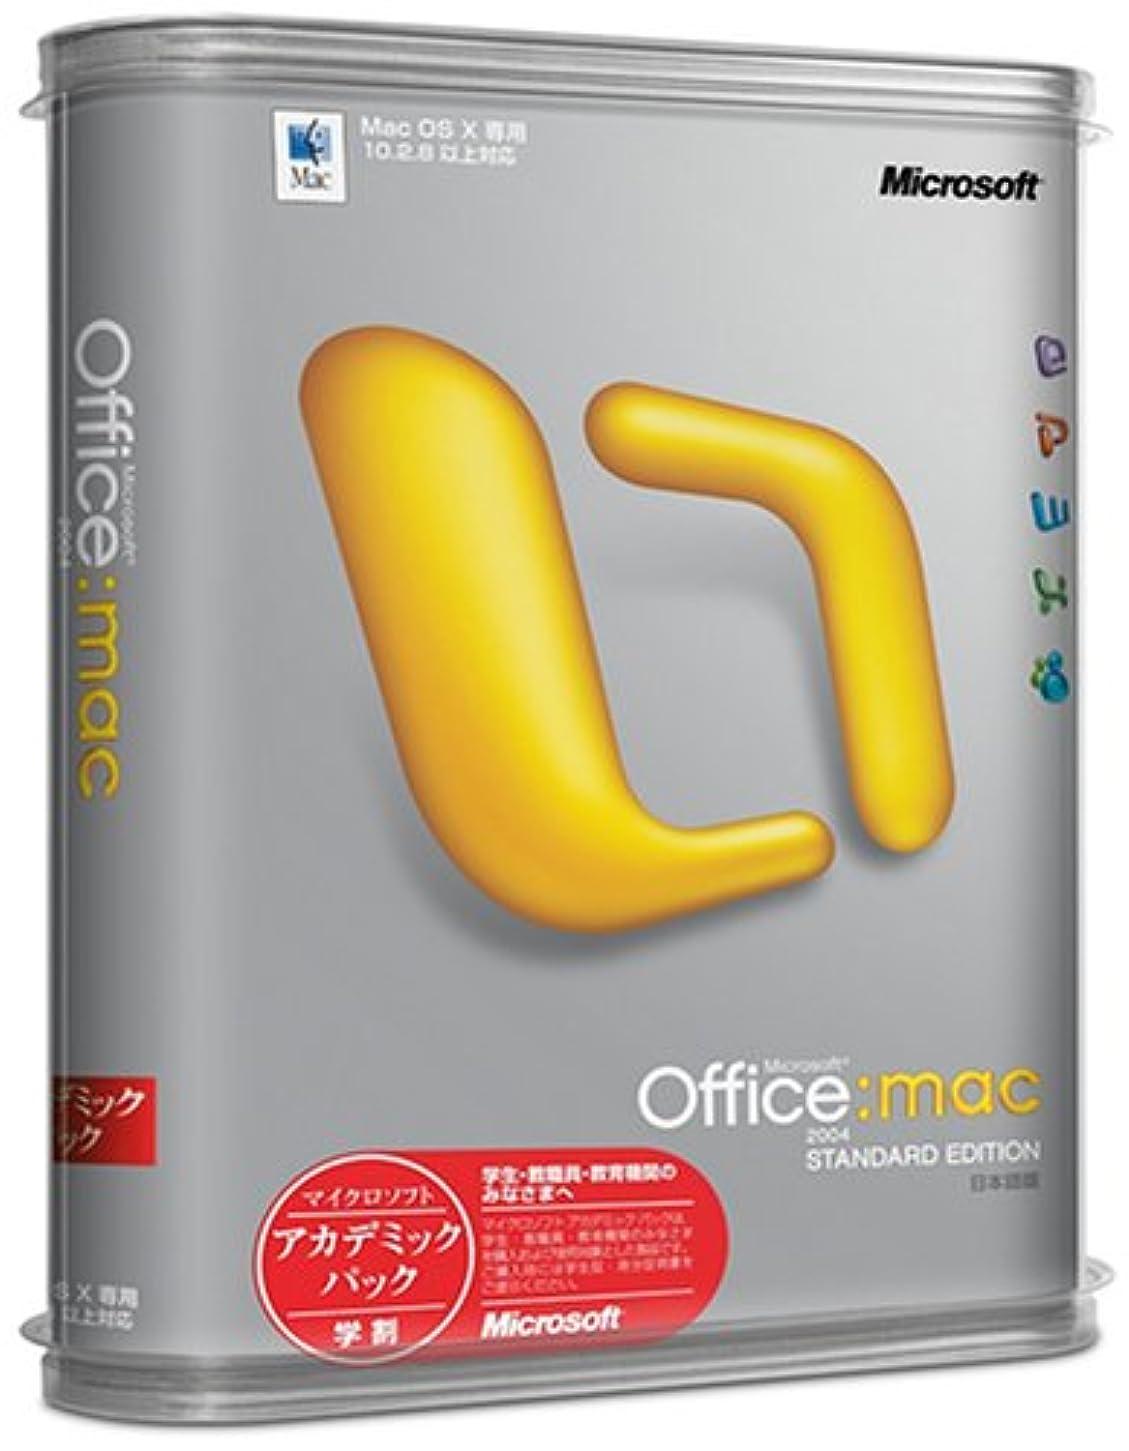 ルアー花火買収【旧商品】Office 2004 for Mac Standard Edition アカデミックパック